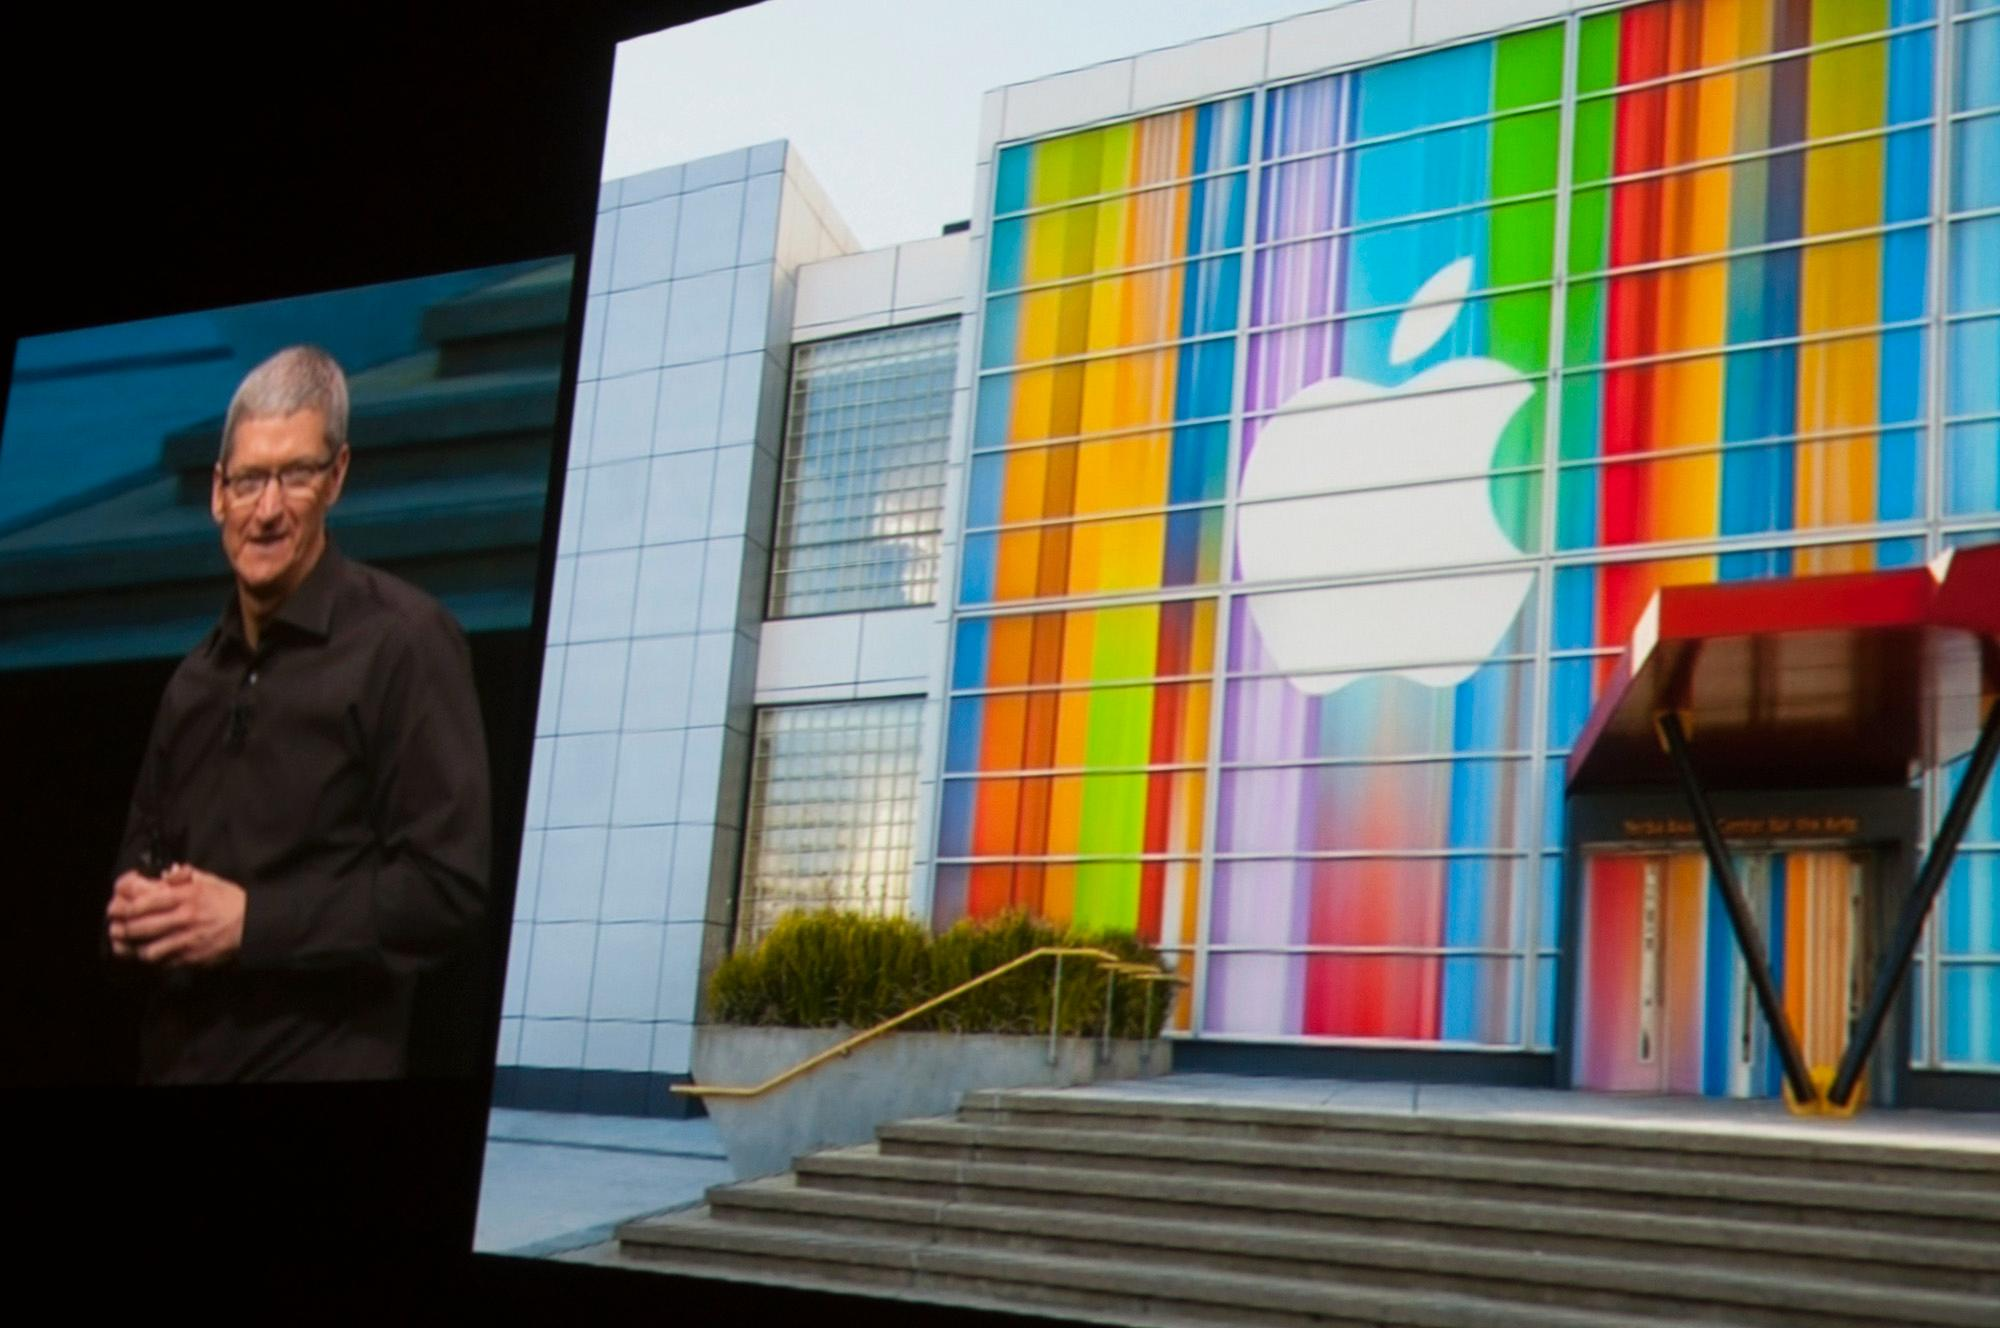 Apple-sjef Tim Cook er på scenen.Foto: Finn Jarle Kvalheim, Amobil.no